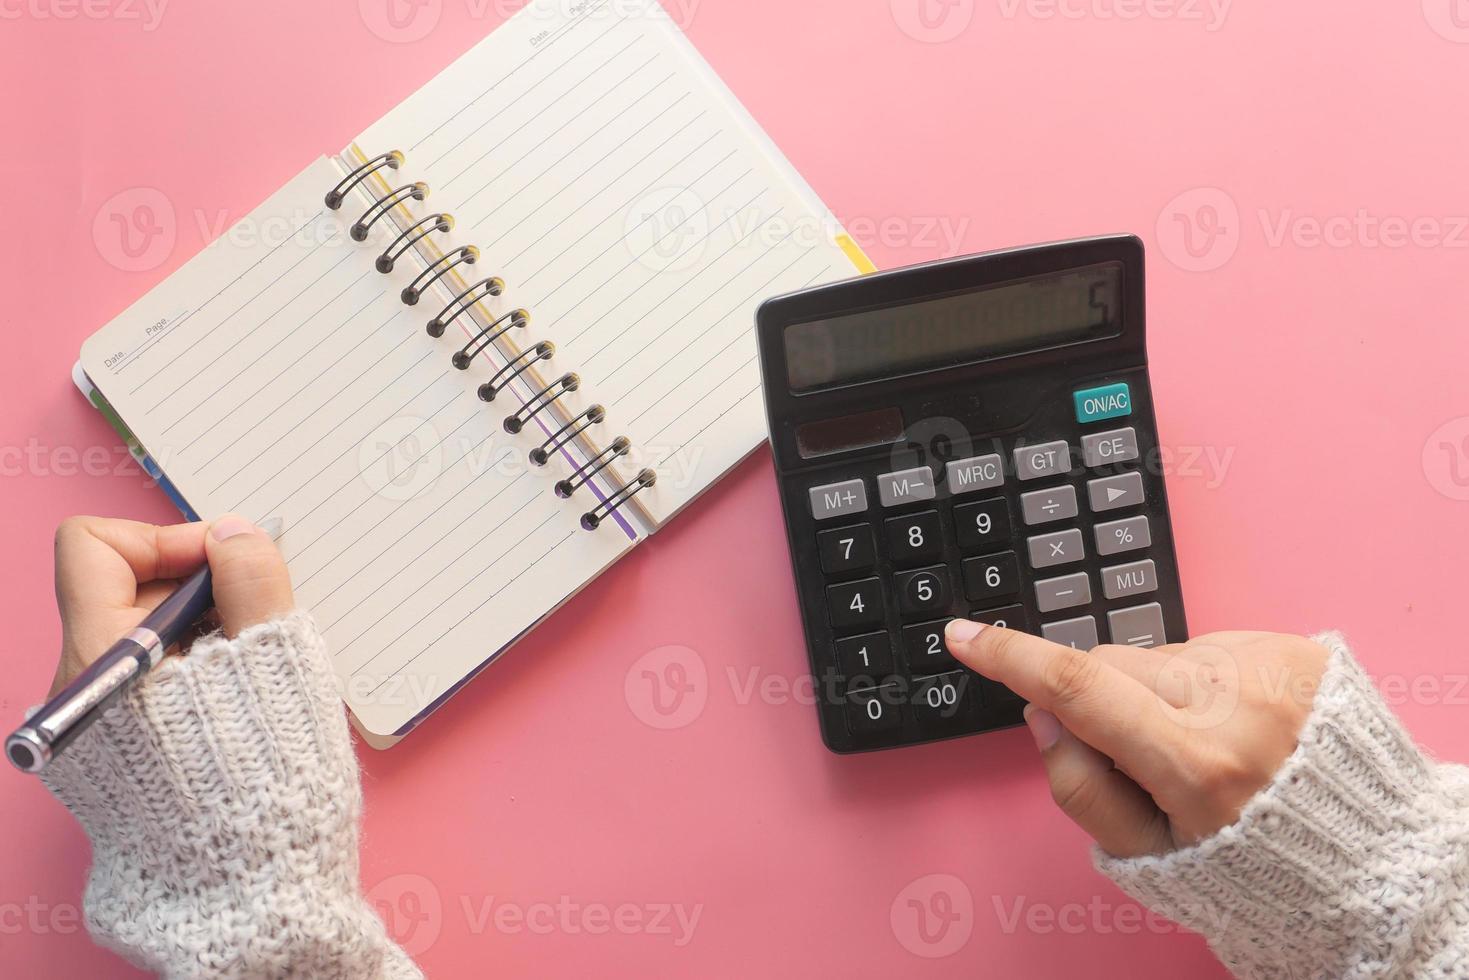 vrouwen hand met behulp van rekenmachine op roze achtergrond foto